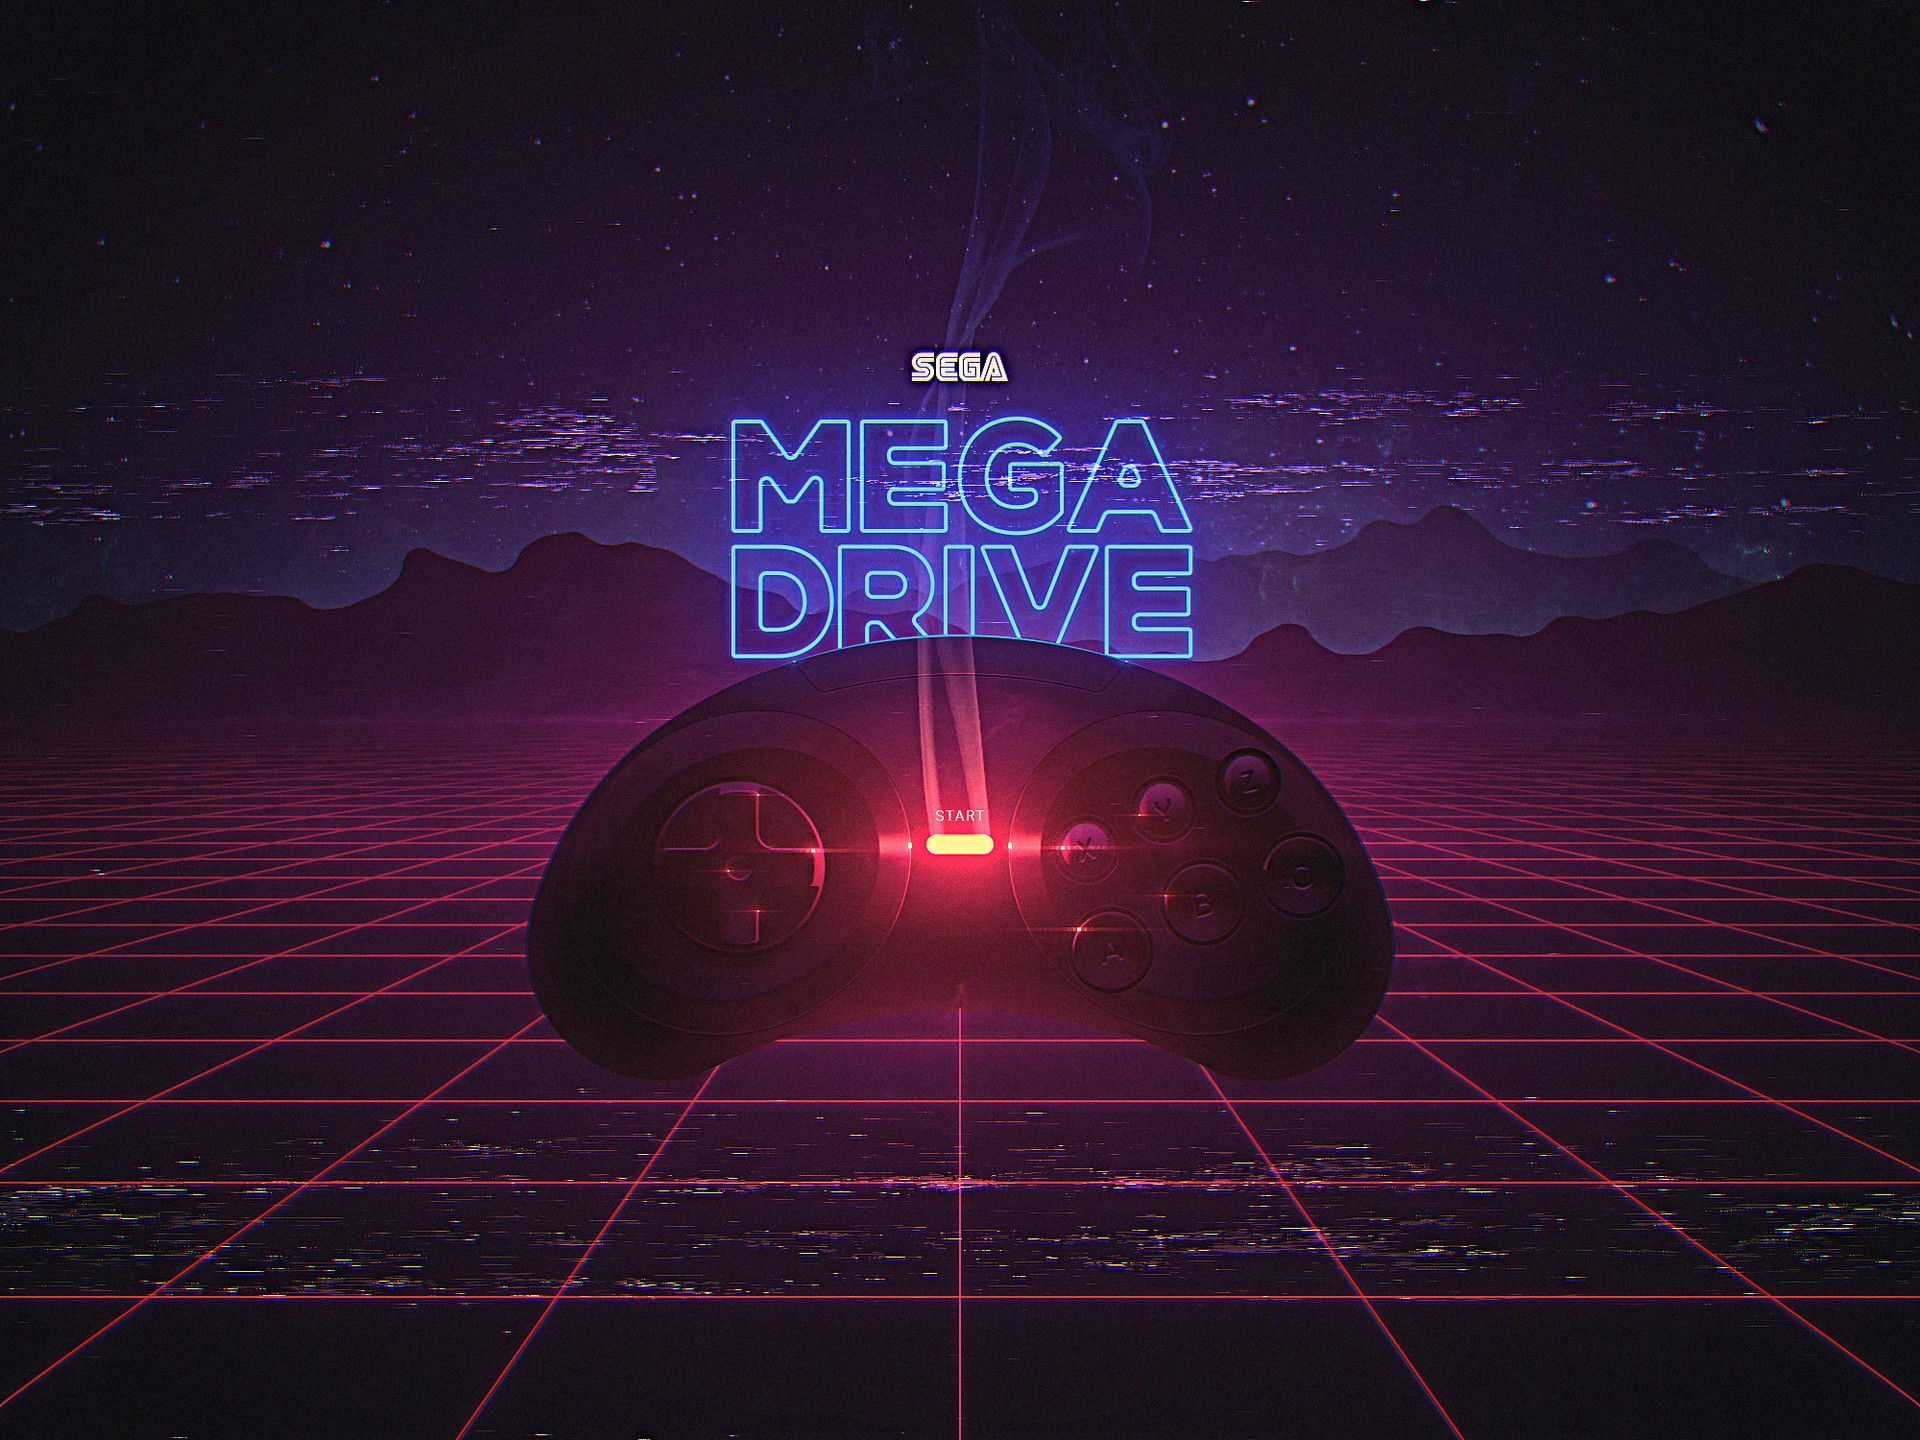 Artstation Sega Mega Drive Slava Yakovlev Sega Mega Drive Sega Digital Wallpaper